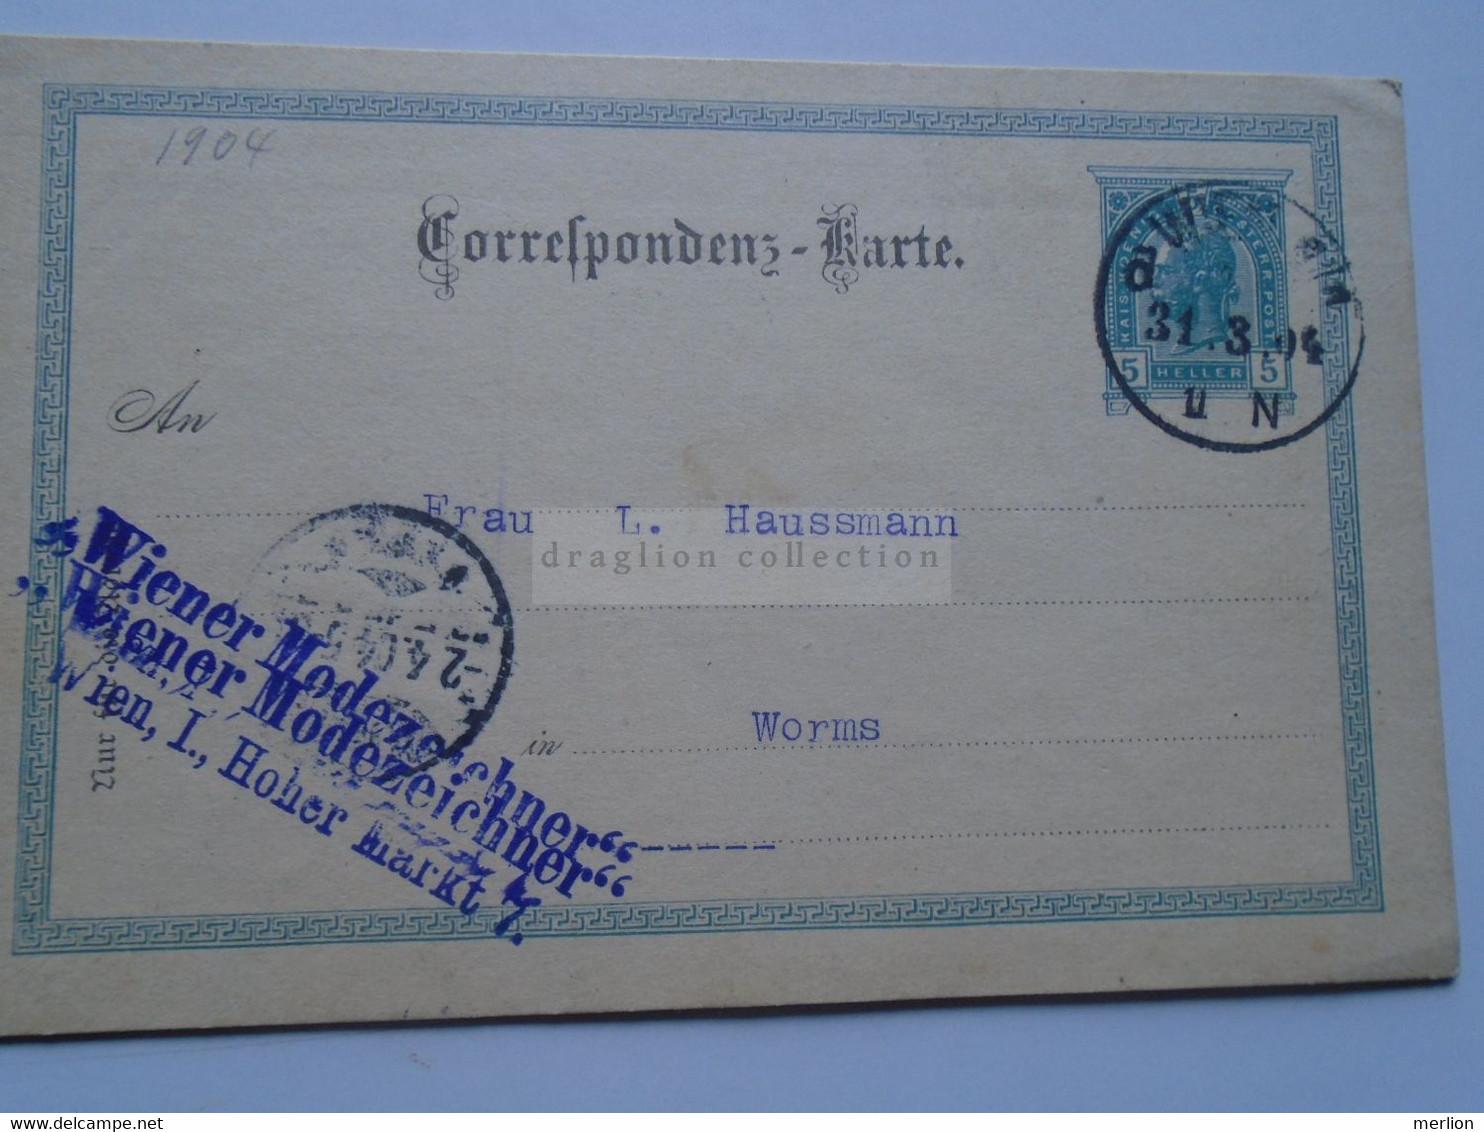 D178659   Österreich Ganzsache  1904    WIEN   Wiener Modezeichner Sent To  WORMS  L. Haussmann - Sin Clasificación